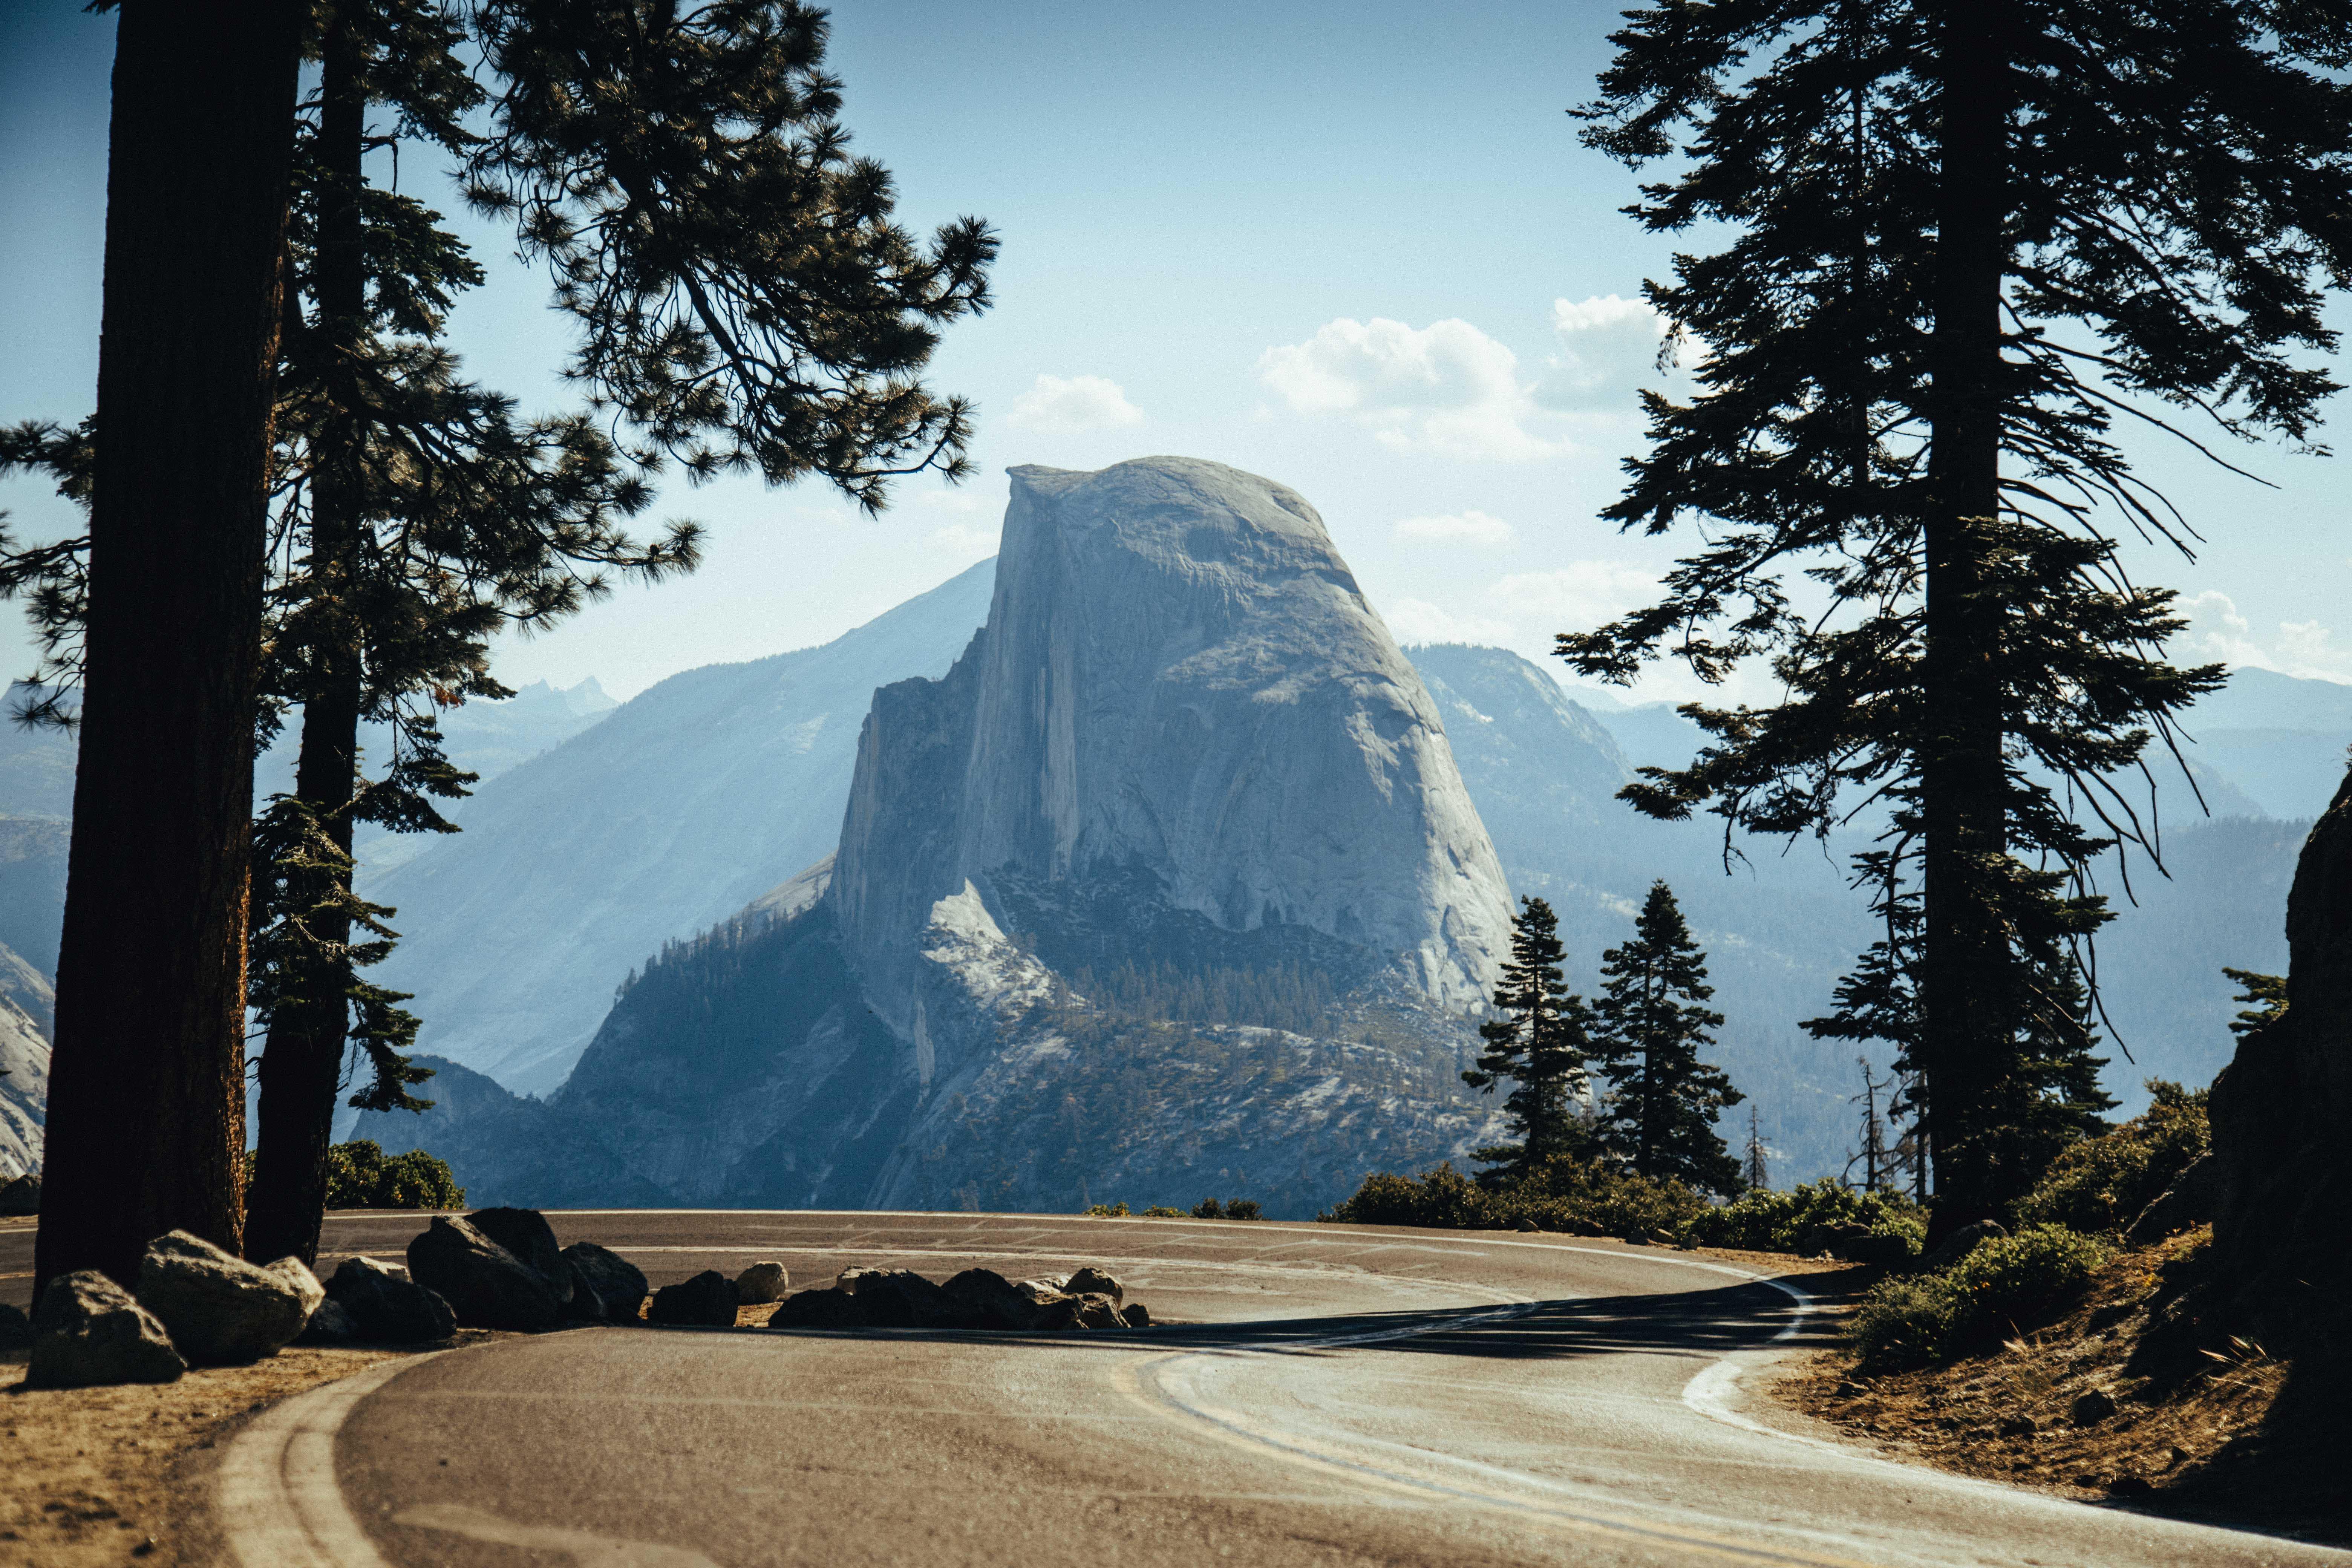 Yosemite Half Dome From Road